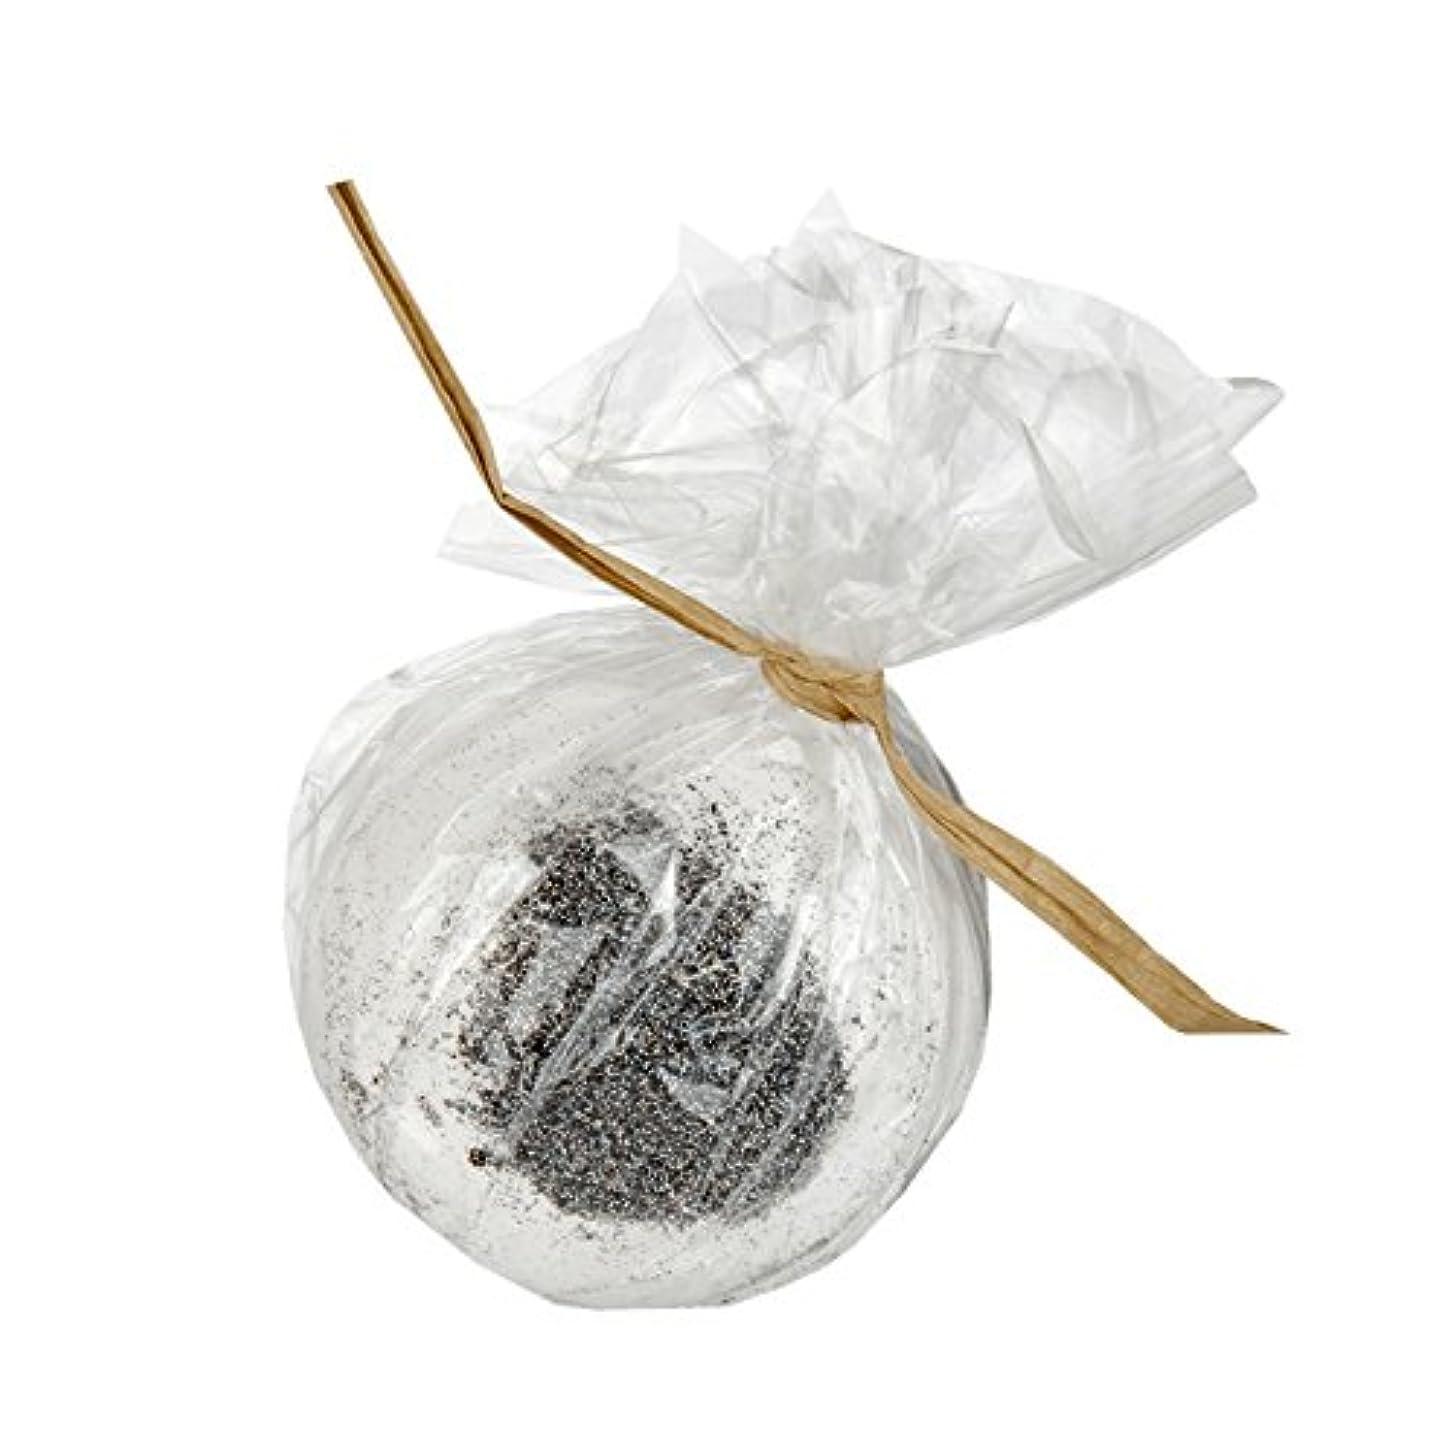 可決信頼できる形Beauty Kitchen Chill Me Moon Shine Bath Bomb 180g (Pack of 2) - 美しさのキッチンは私に密造酒風呂爆弾180グラムを冷やします (x2) [並行輸入品]